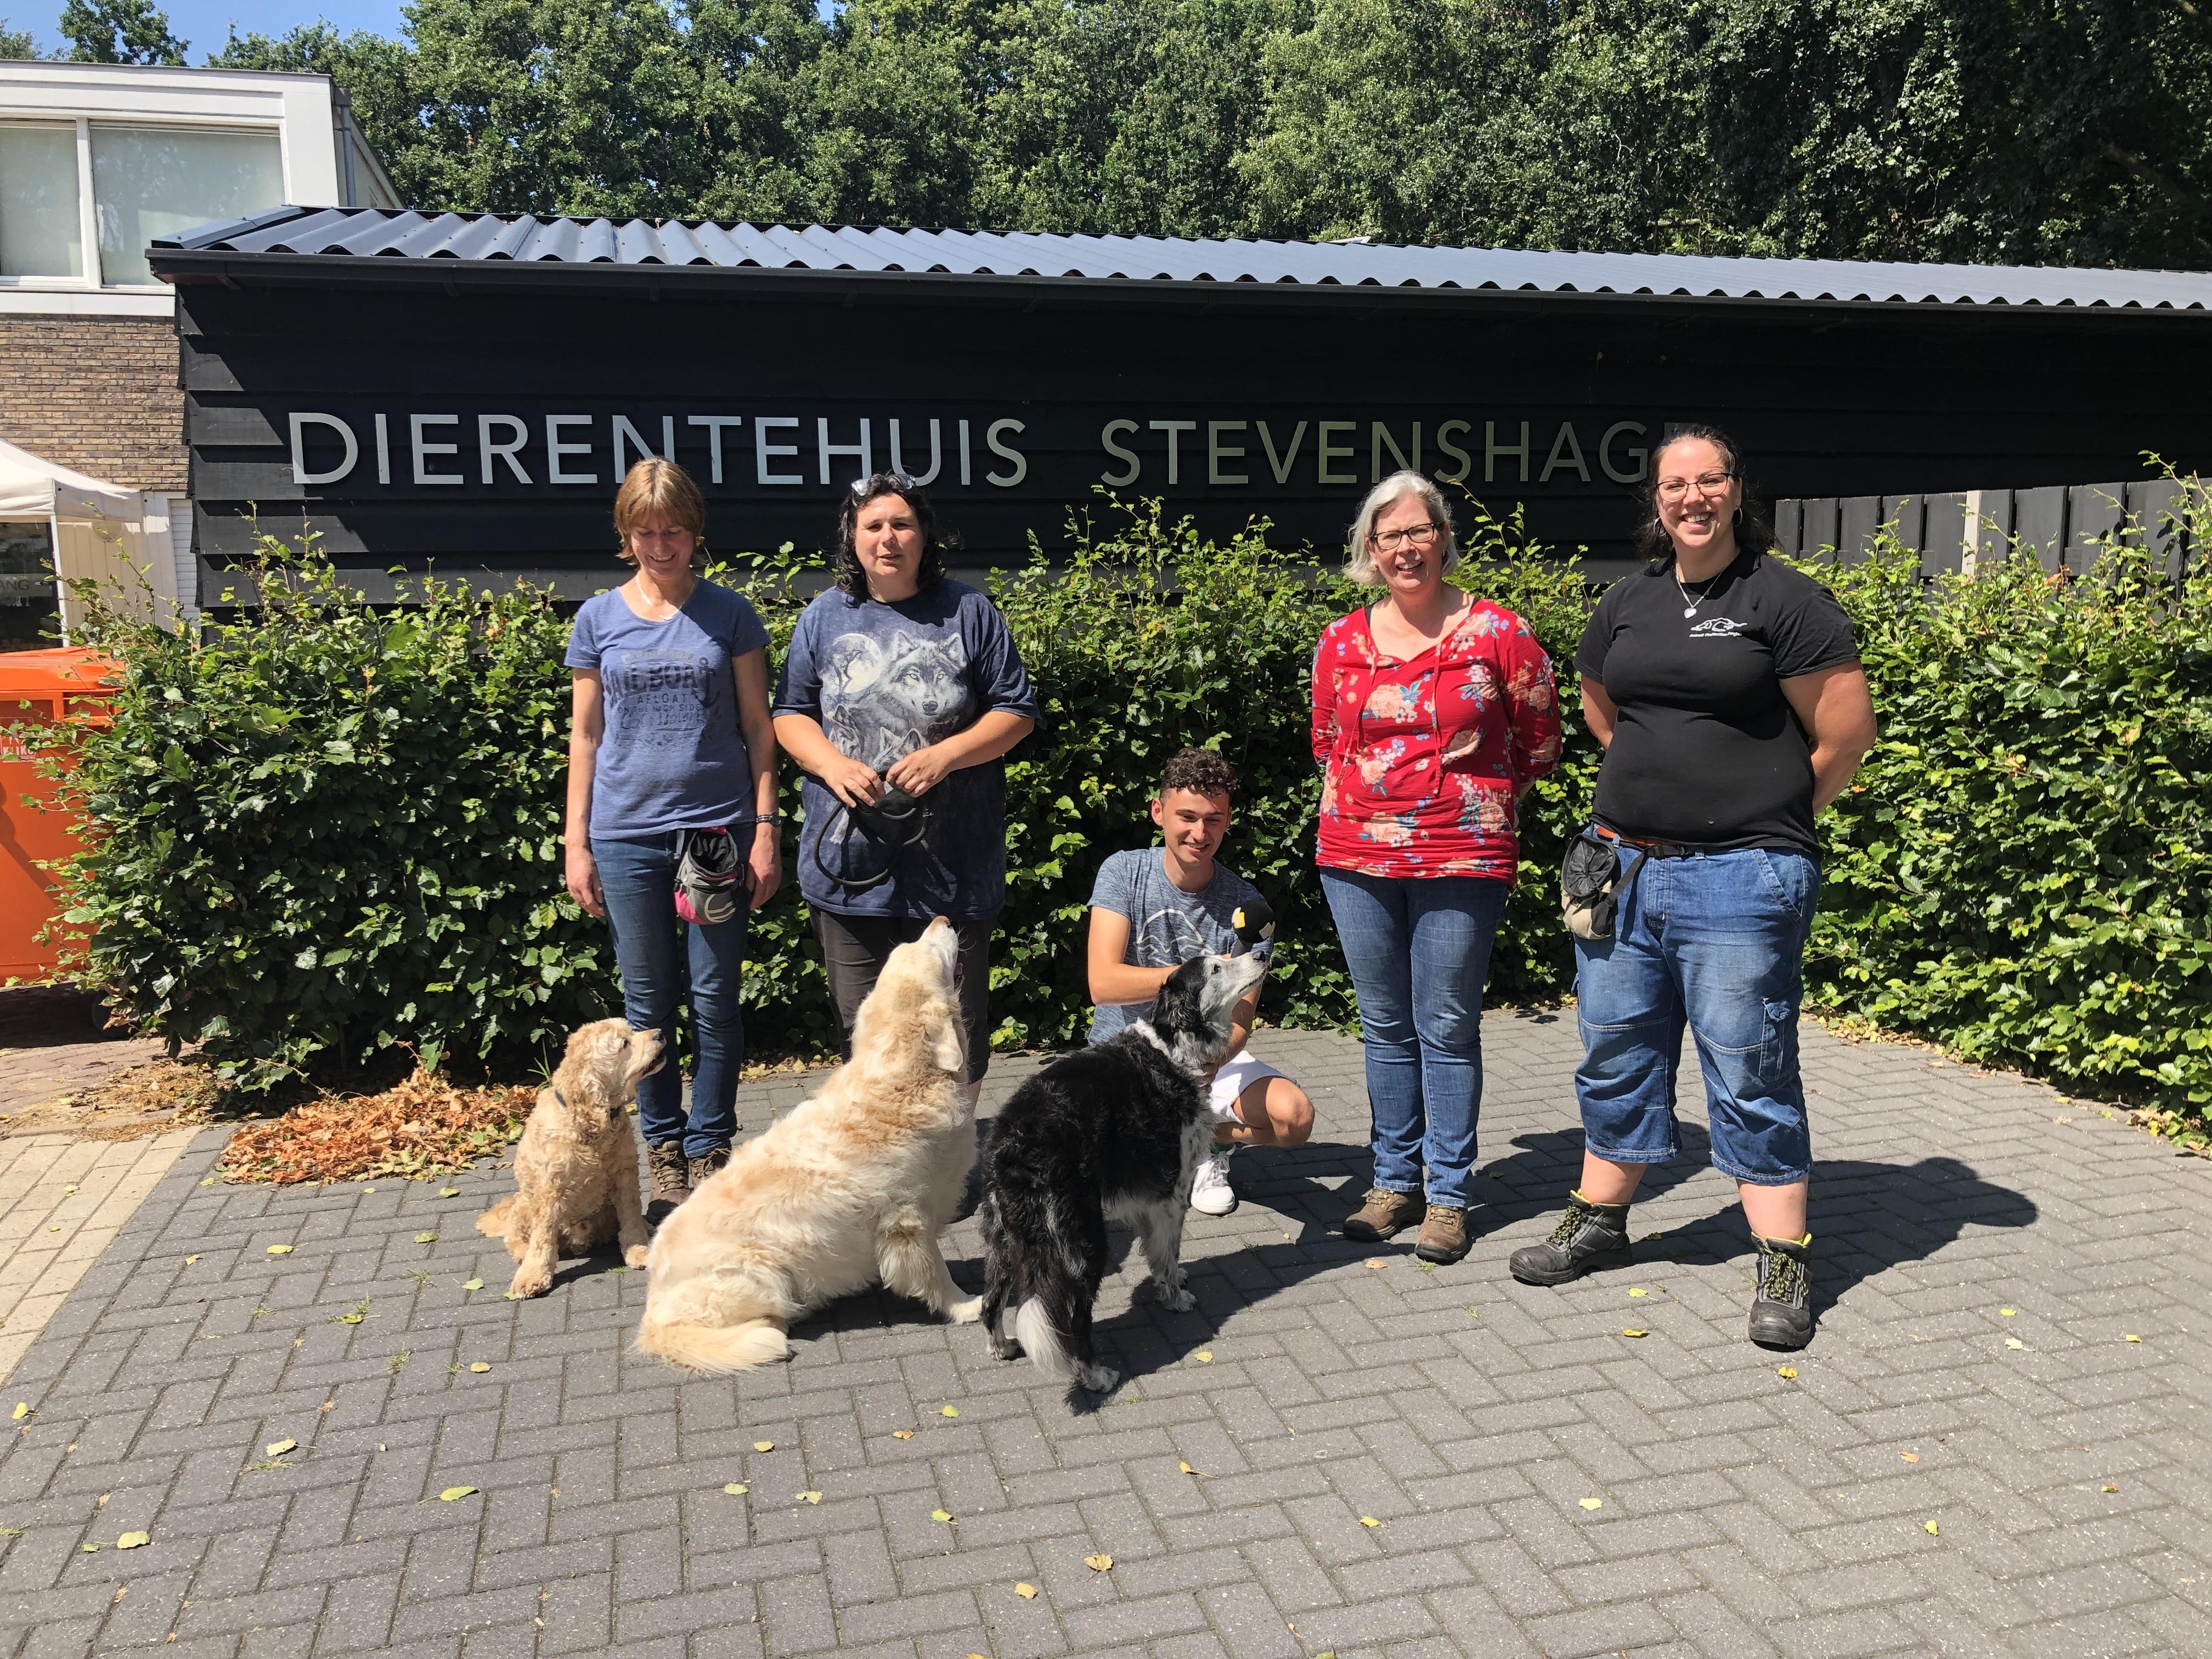 Luister hier het gezellige radiofragment van NPO Radio 5 en loop zelf ook een beetje mee bij Dierentehuis Stevenshage in Leiden.